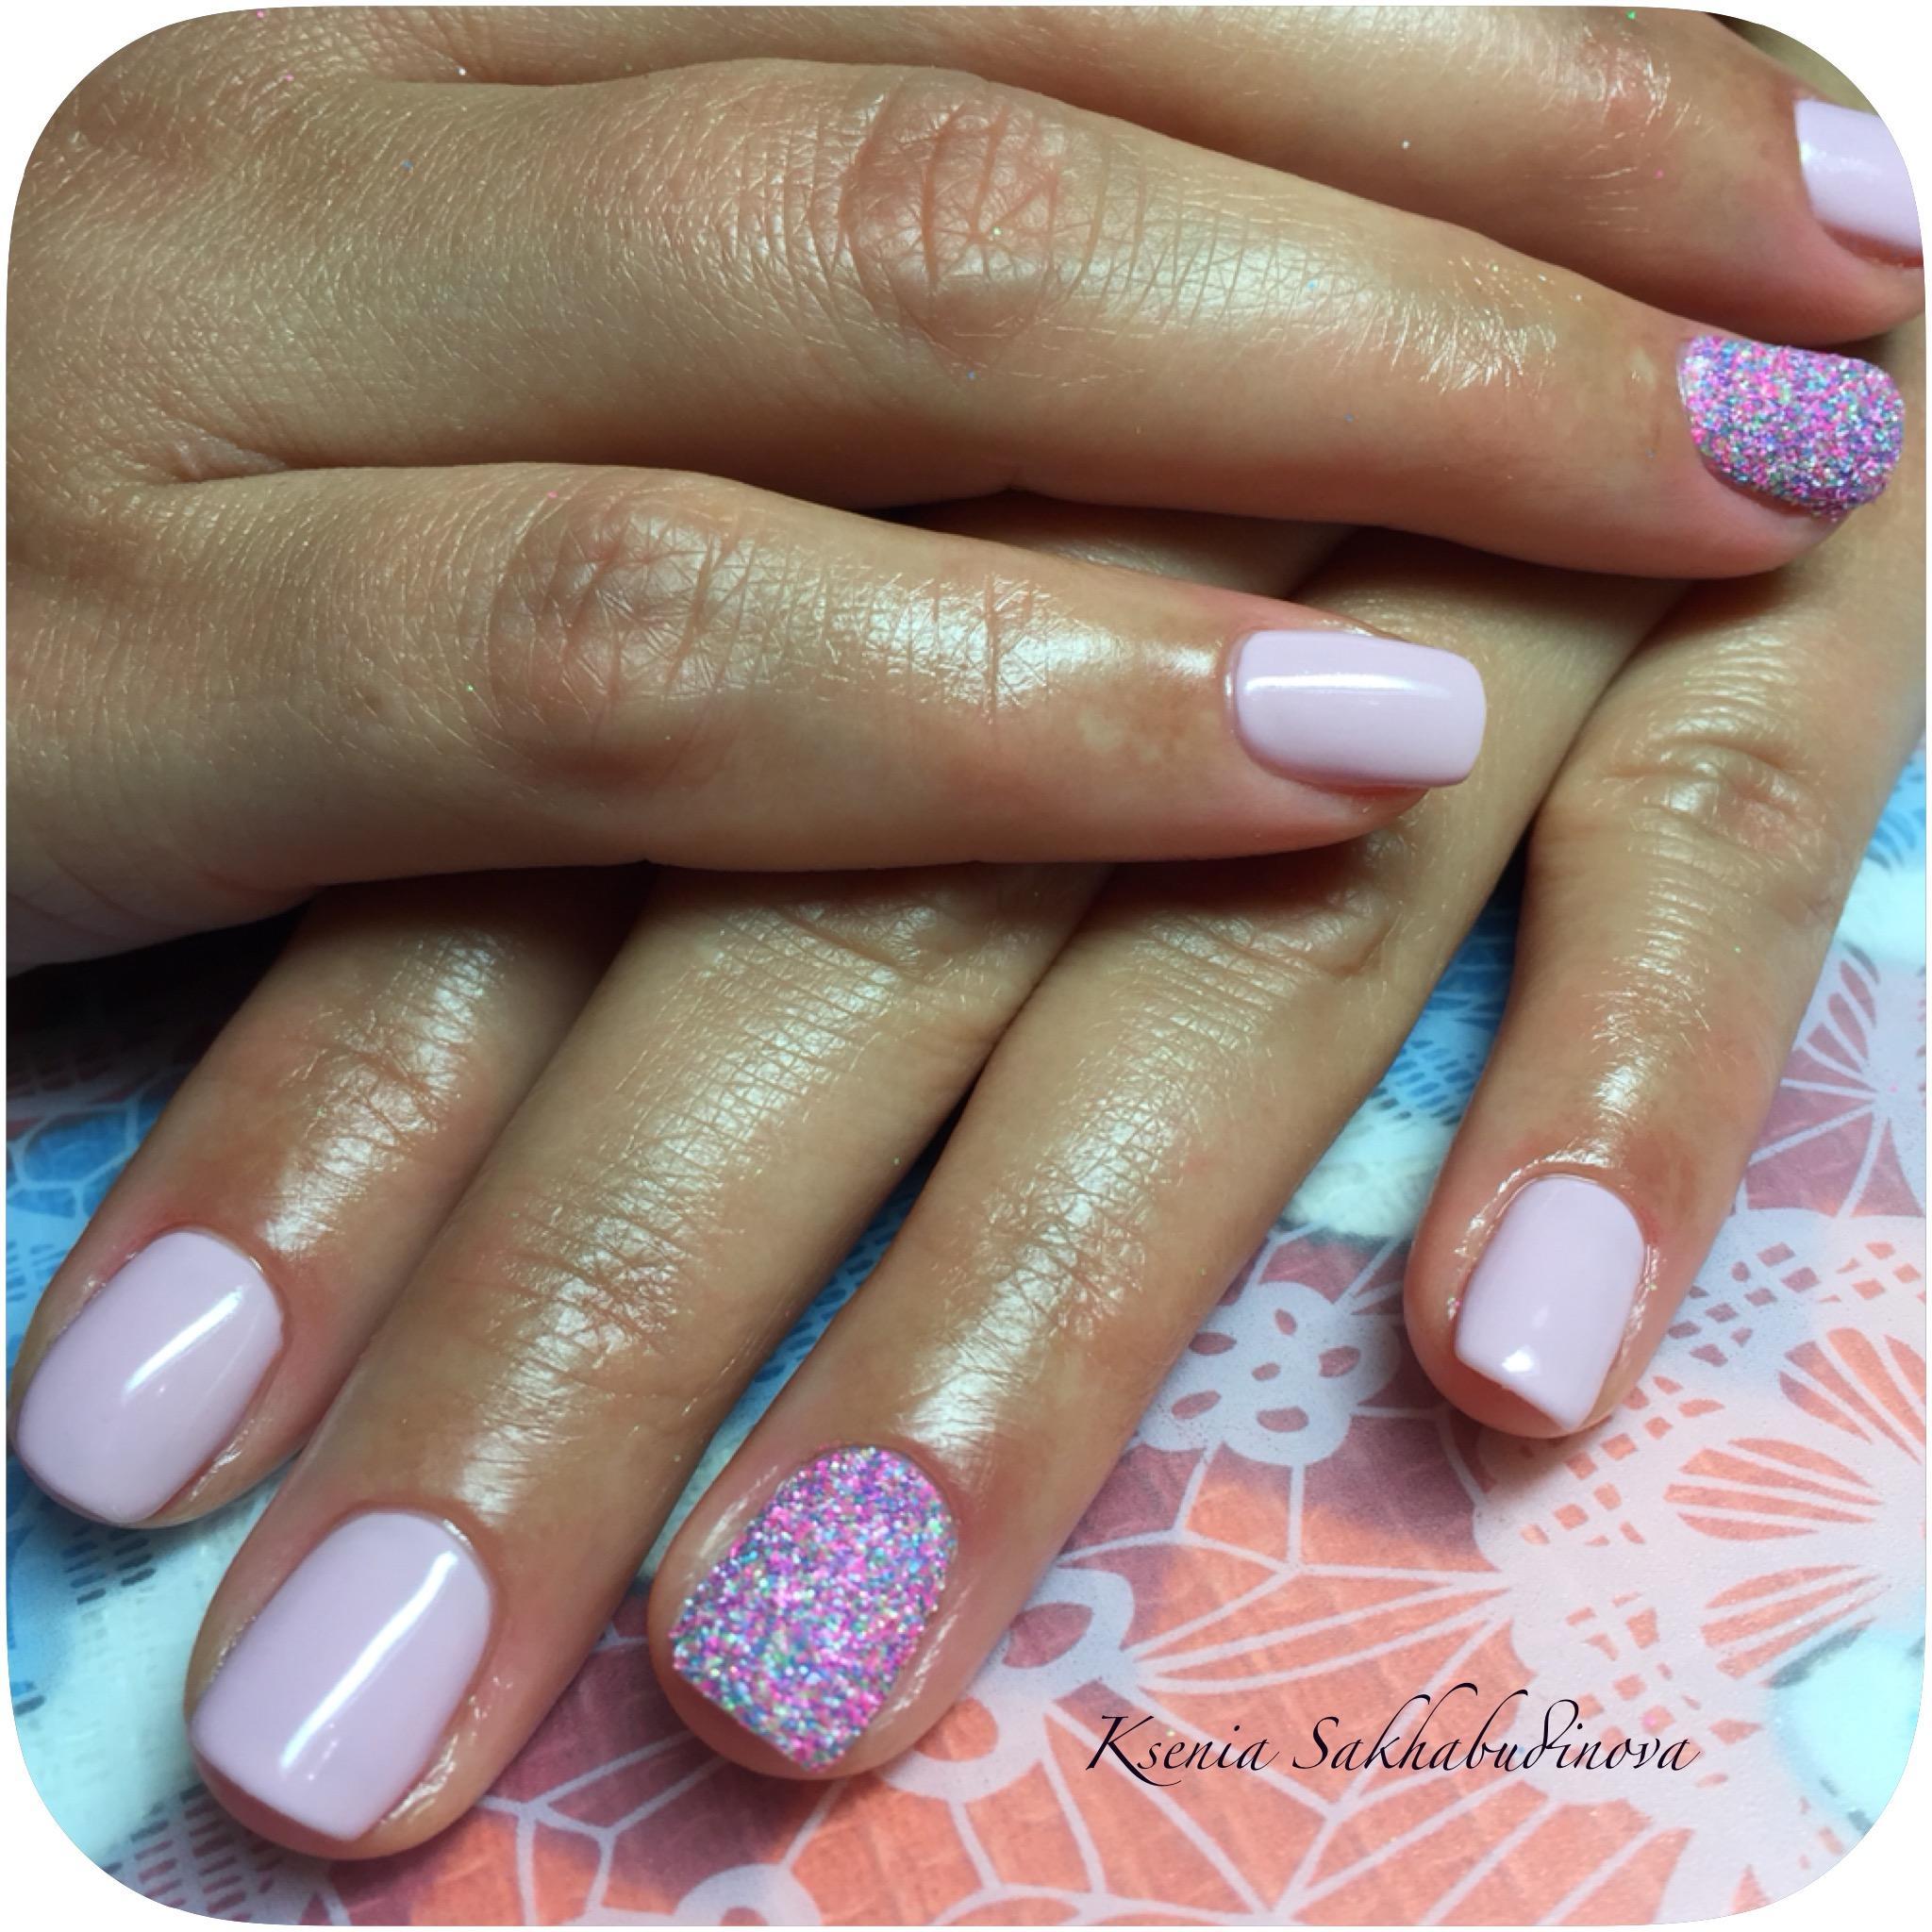 Белый шеллак в гармонии с розово-фиолетовым покрытием